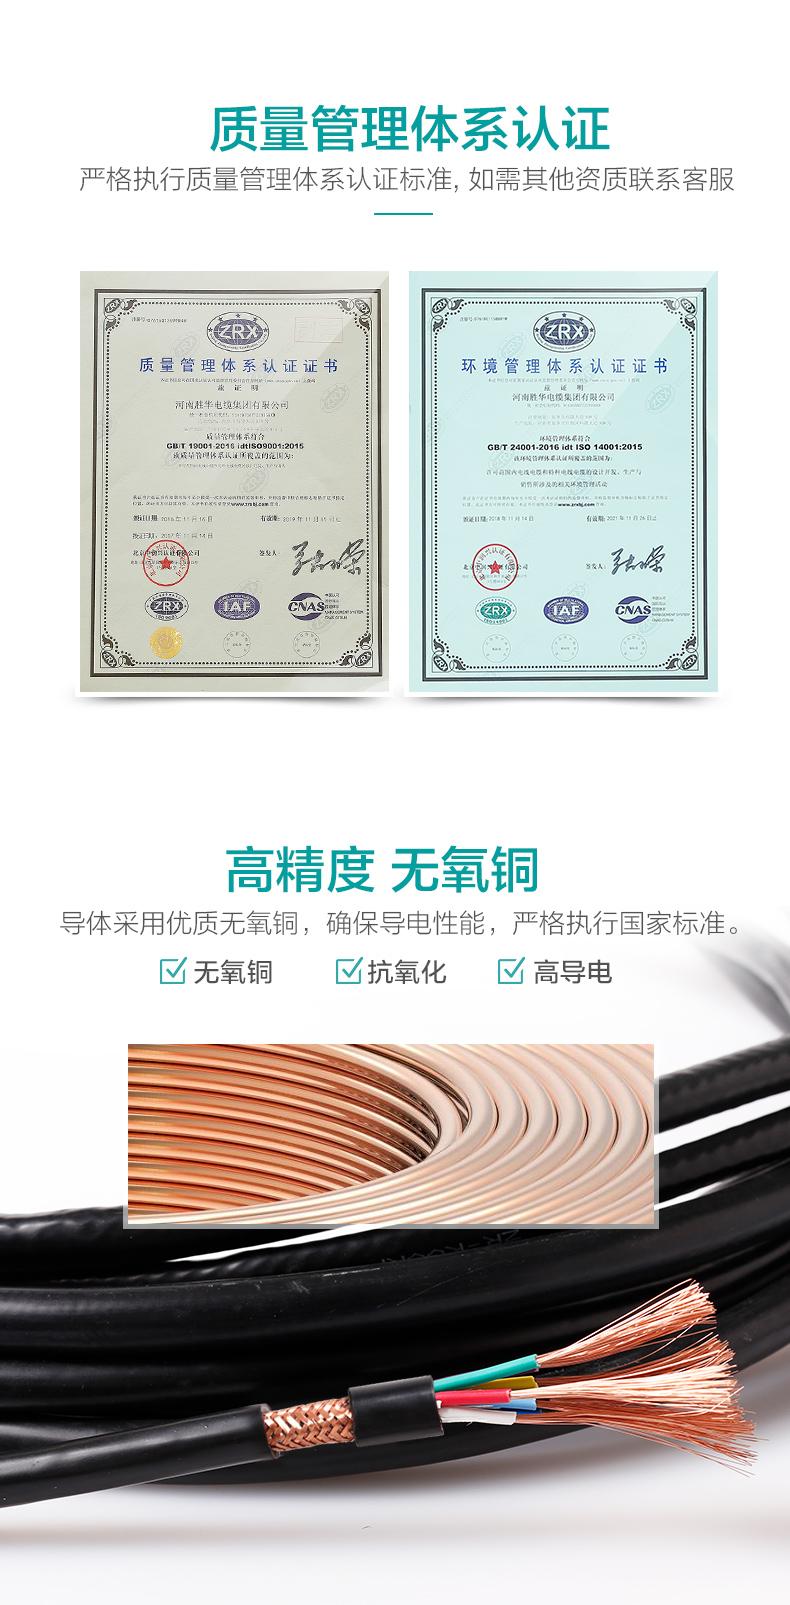 质量管理体系认证-亿博体育娱乐电线KVVRP铜带屏蔽控制软铜芯护套控制电缆电线厂家